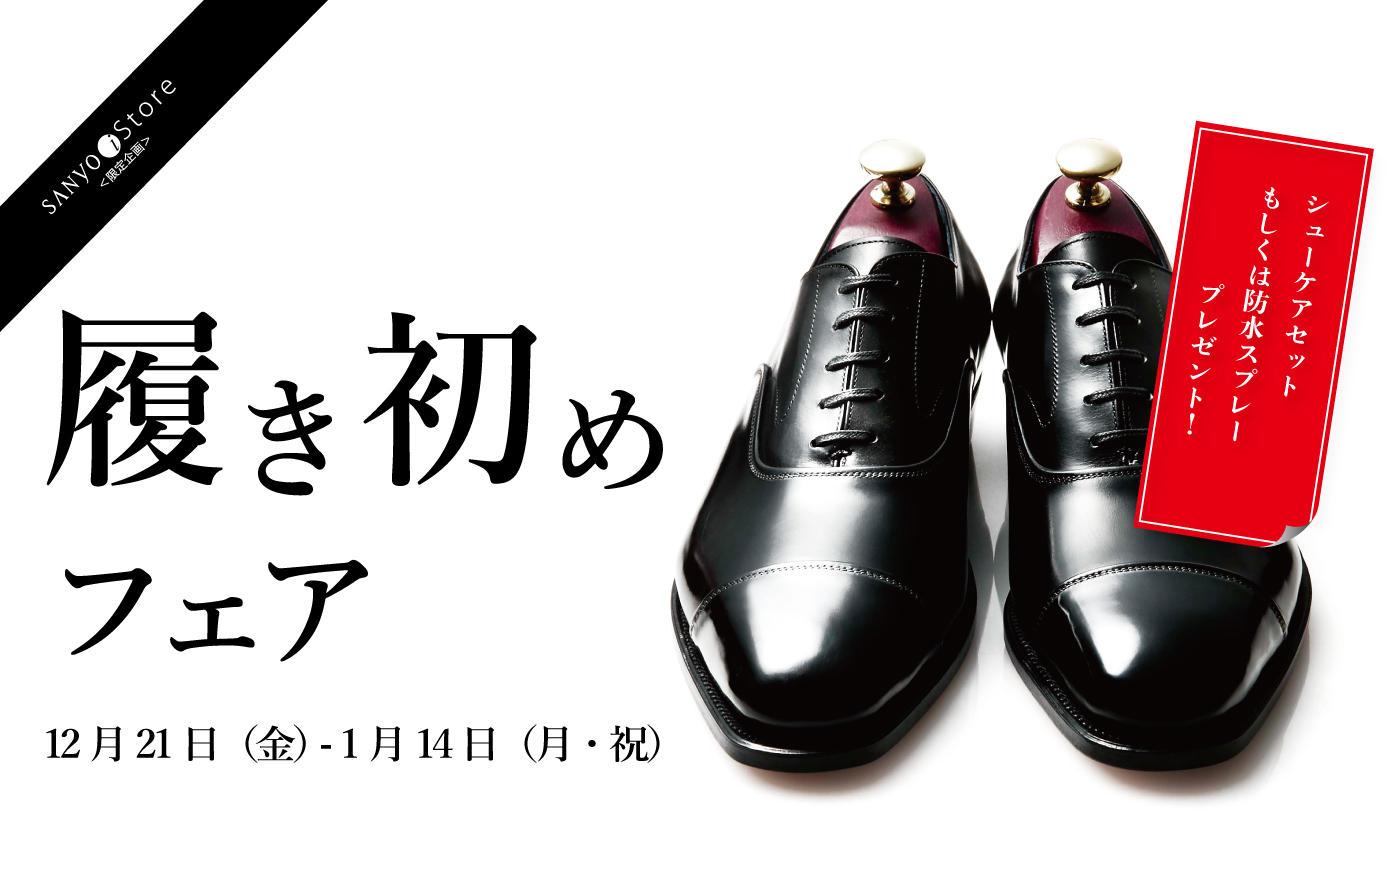 三陽山長||SANYO i-Store限定企画||「履き初めフェア」開催